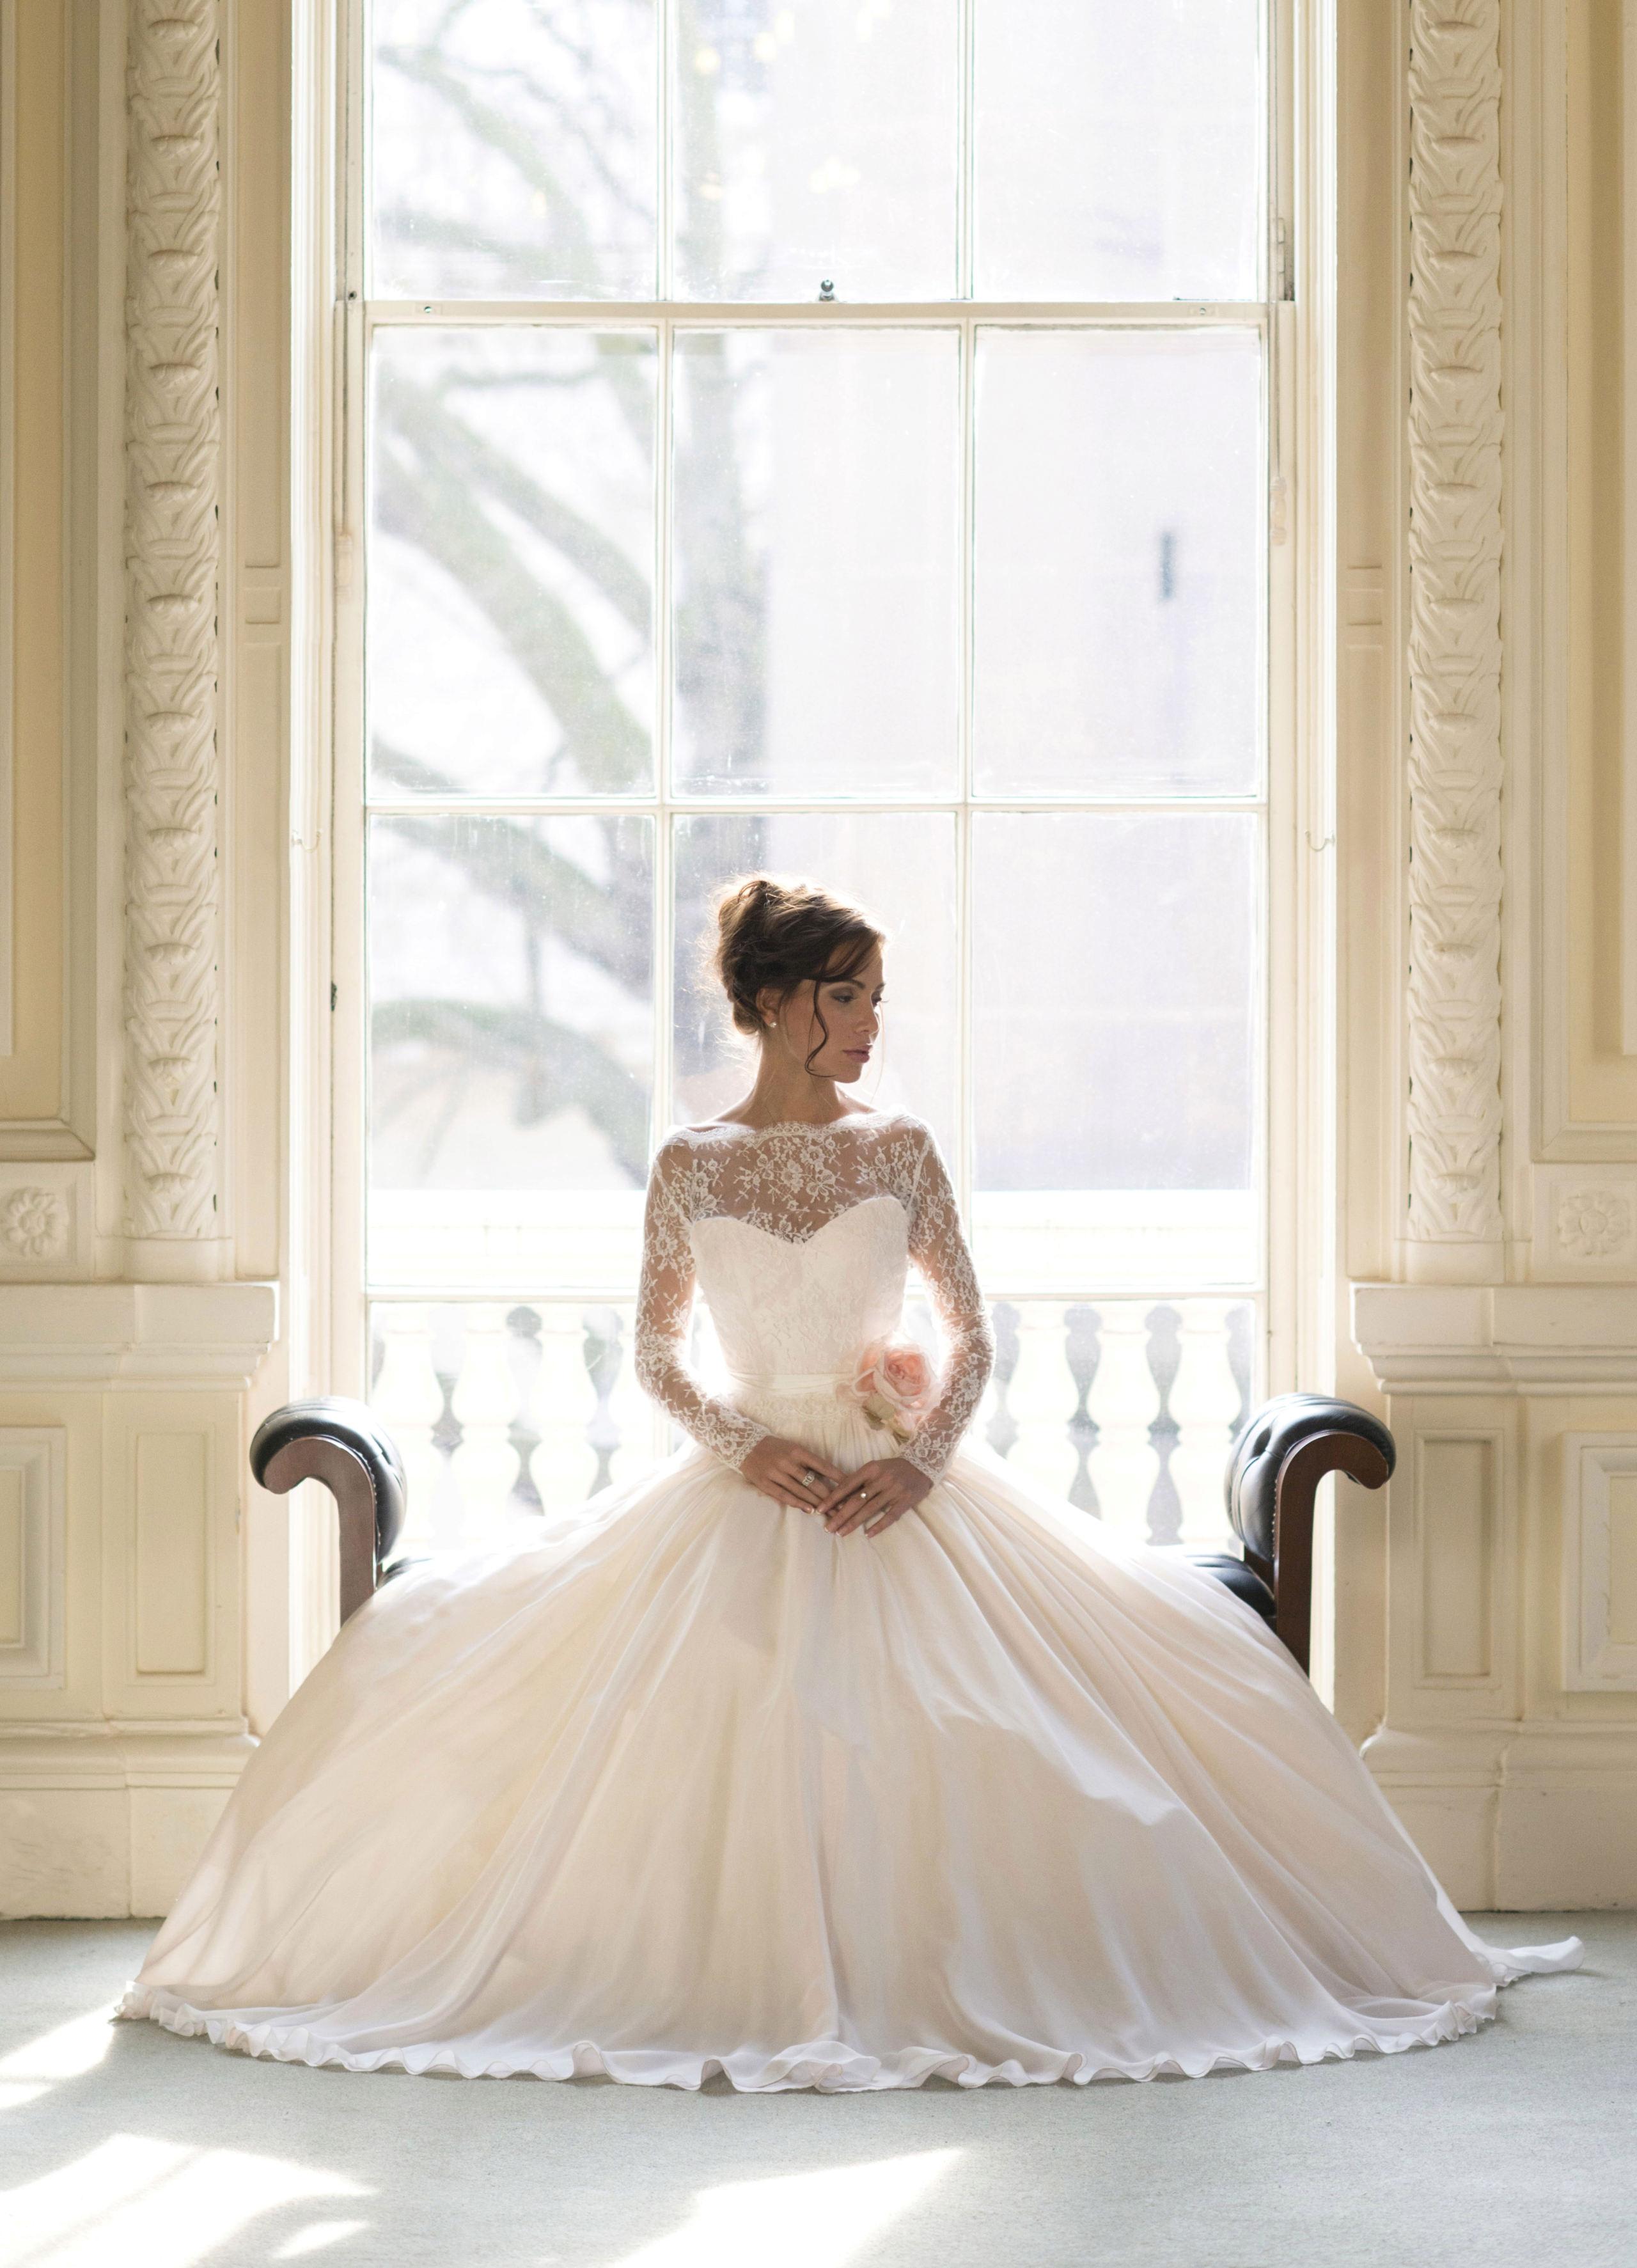 مجموعة فساتين زفاف متنوعة P_151223